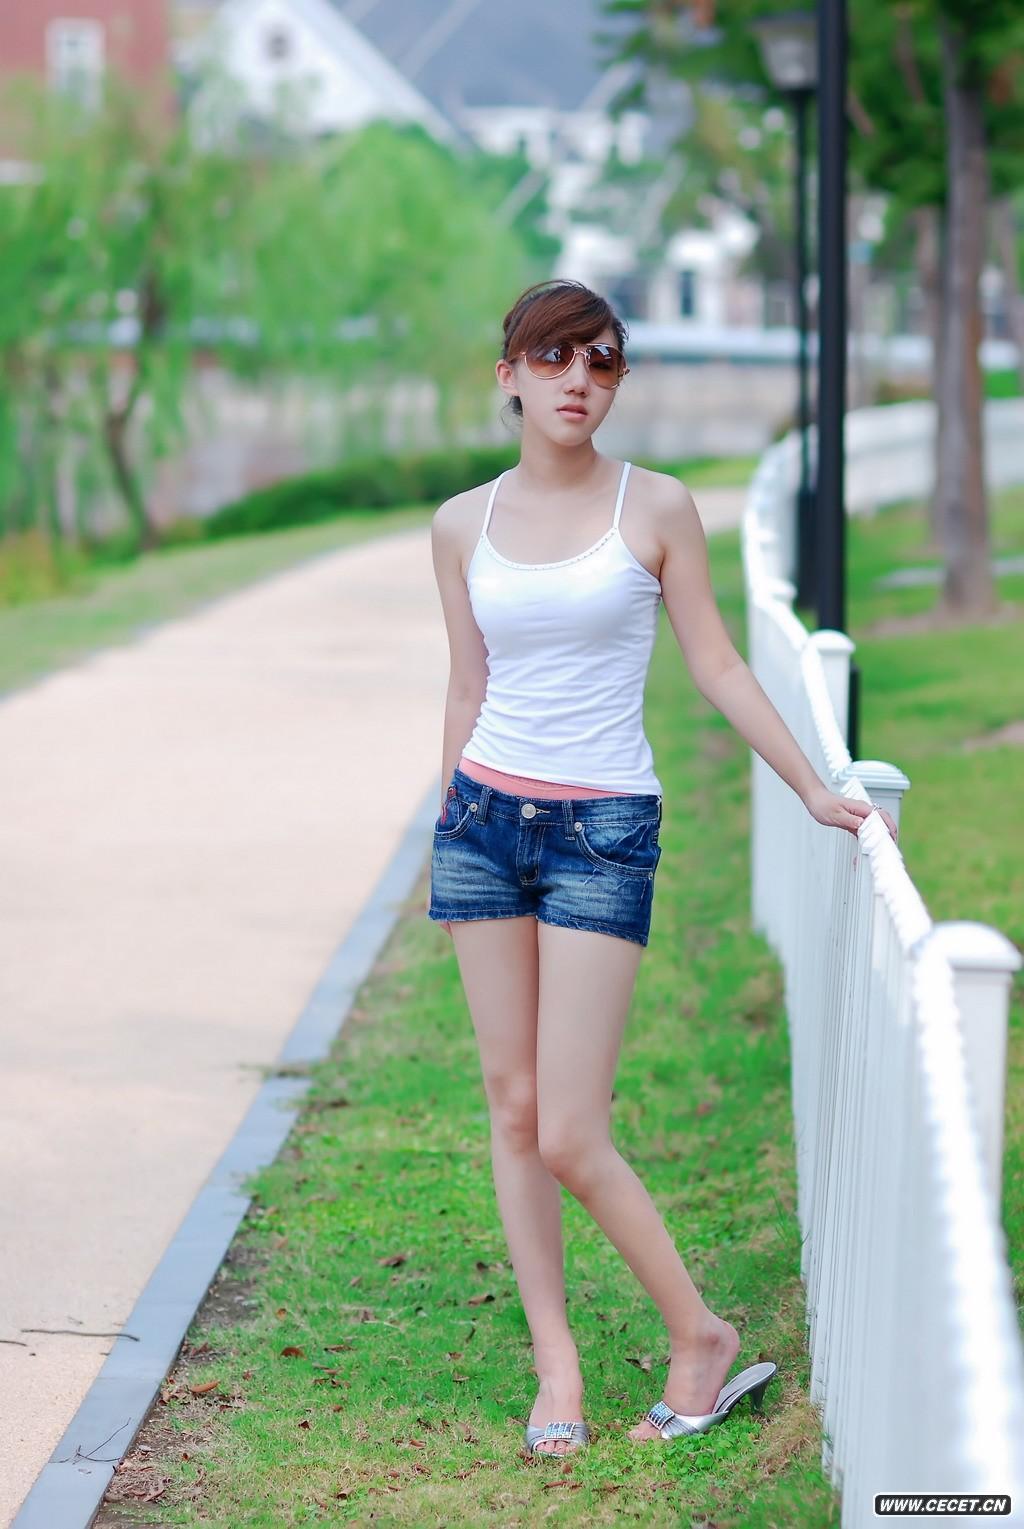 新疆游玩_拍外景的吊带女孩 - 中国娱乐资讯网CECET.CN